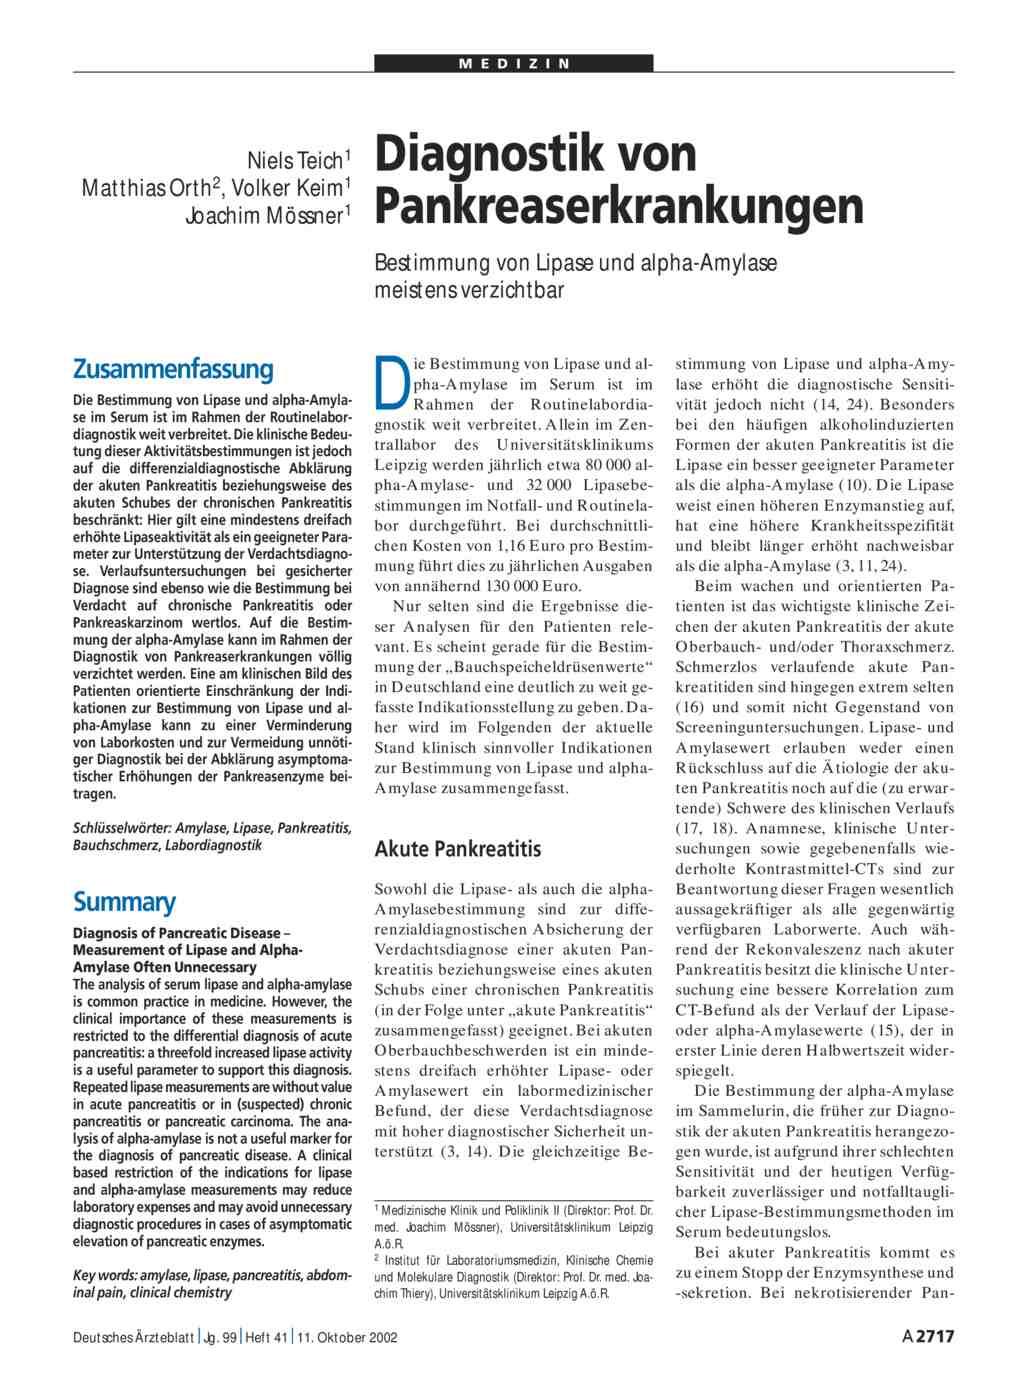 Diagnostik Von Pankreaserkrankungen Bestimmung Von Lipase Und Alpha